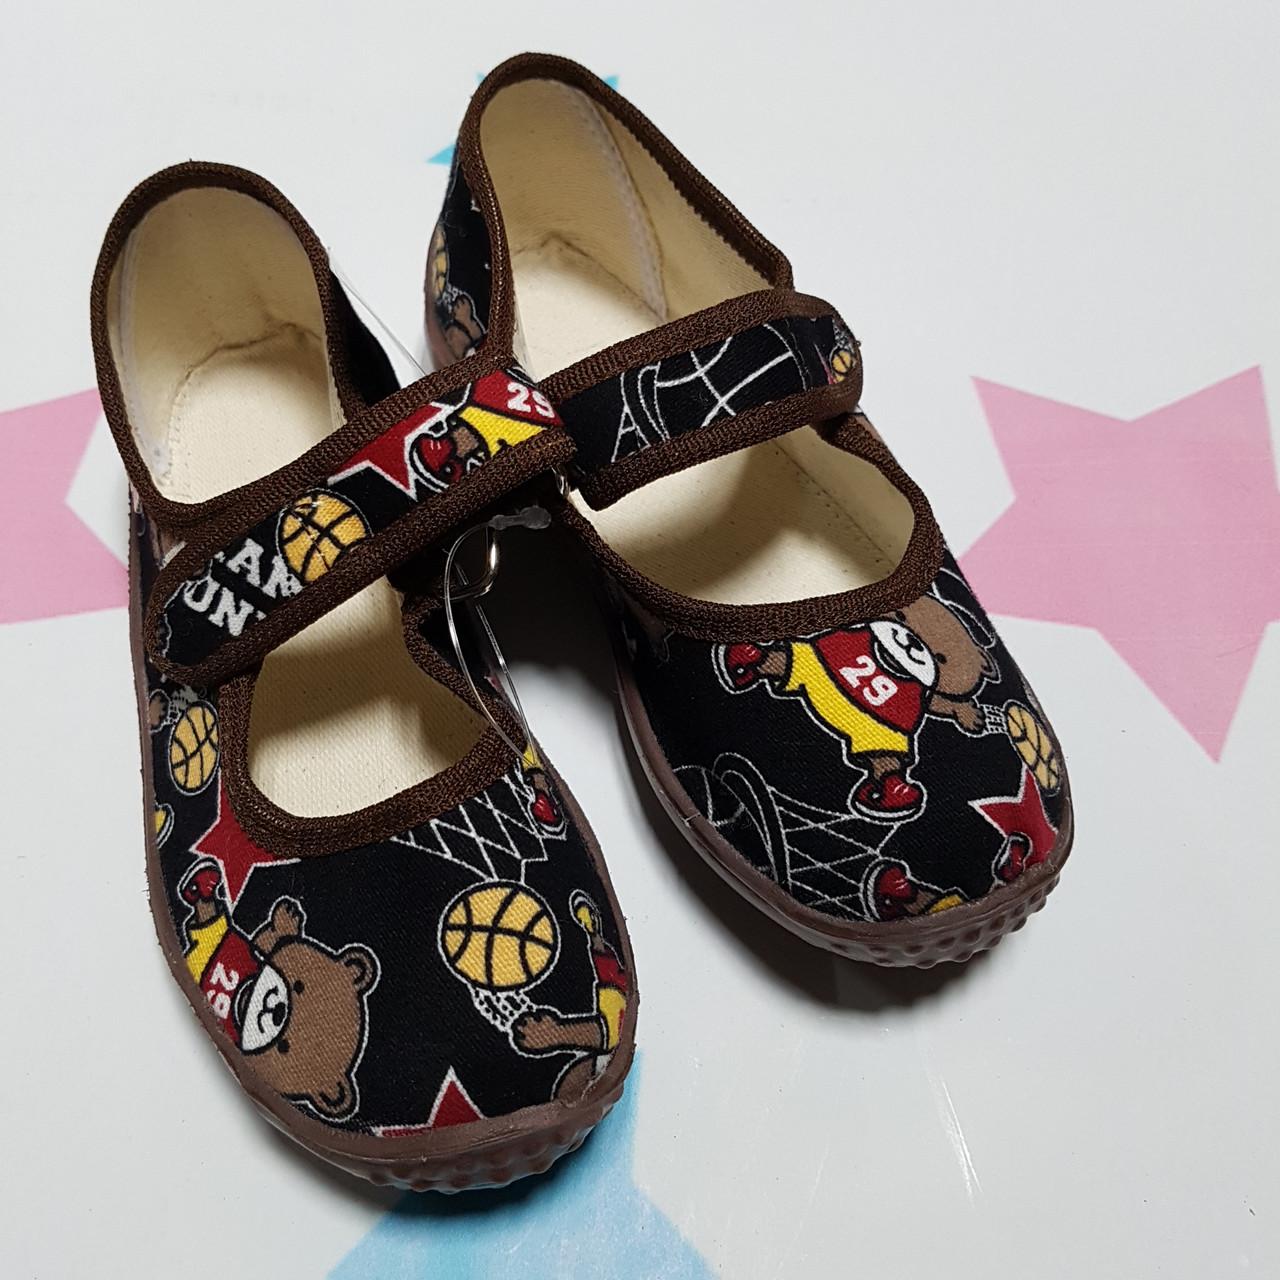 Тапочки детские оптом в садик на мальчика, текстильная туфли Vitaliya Виталия Украина размер с 25,5 по 27